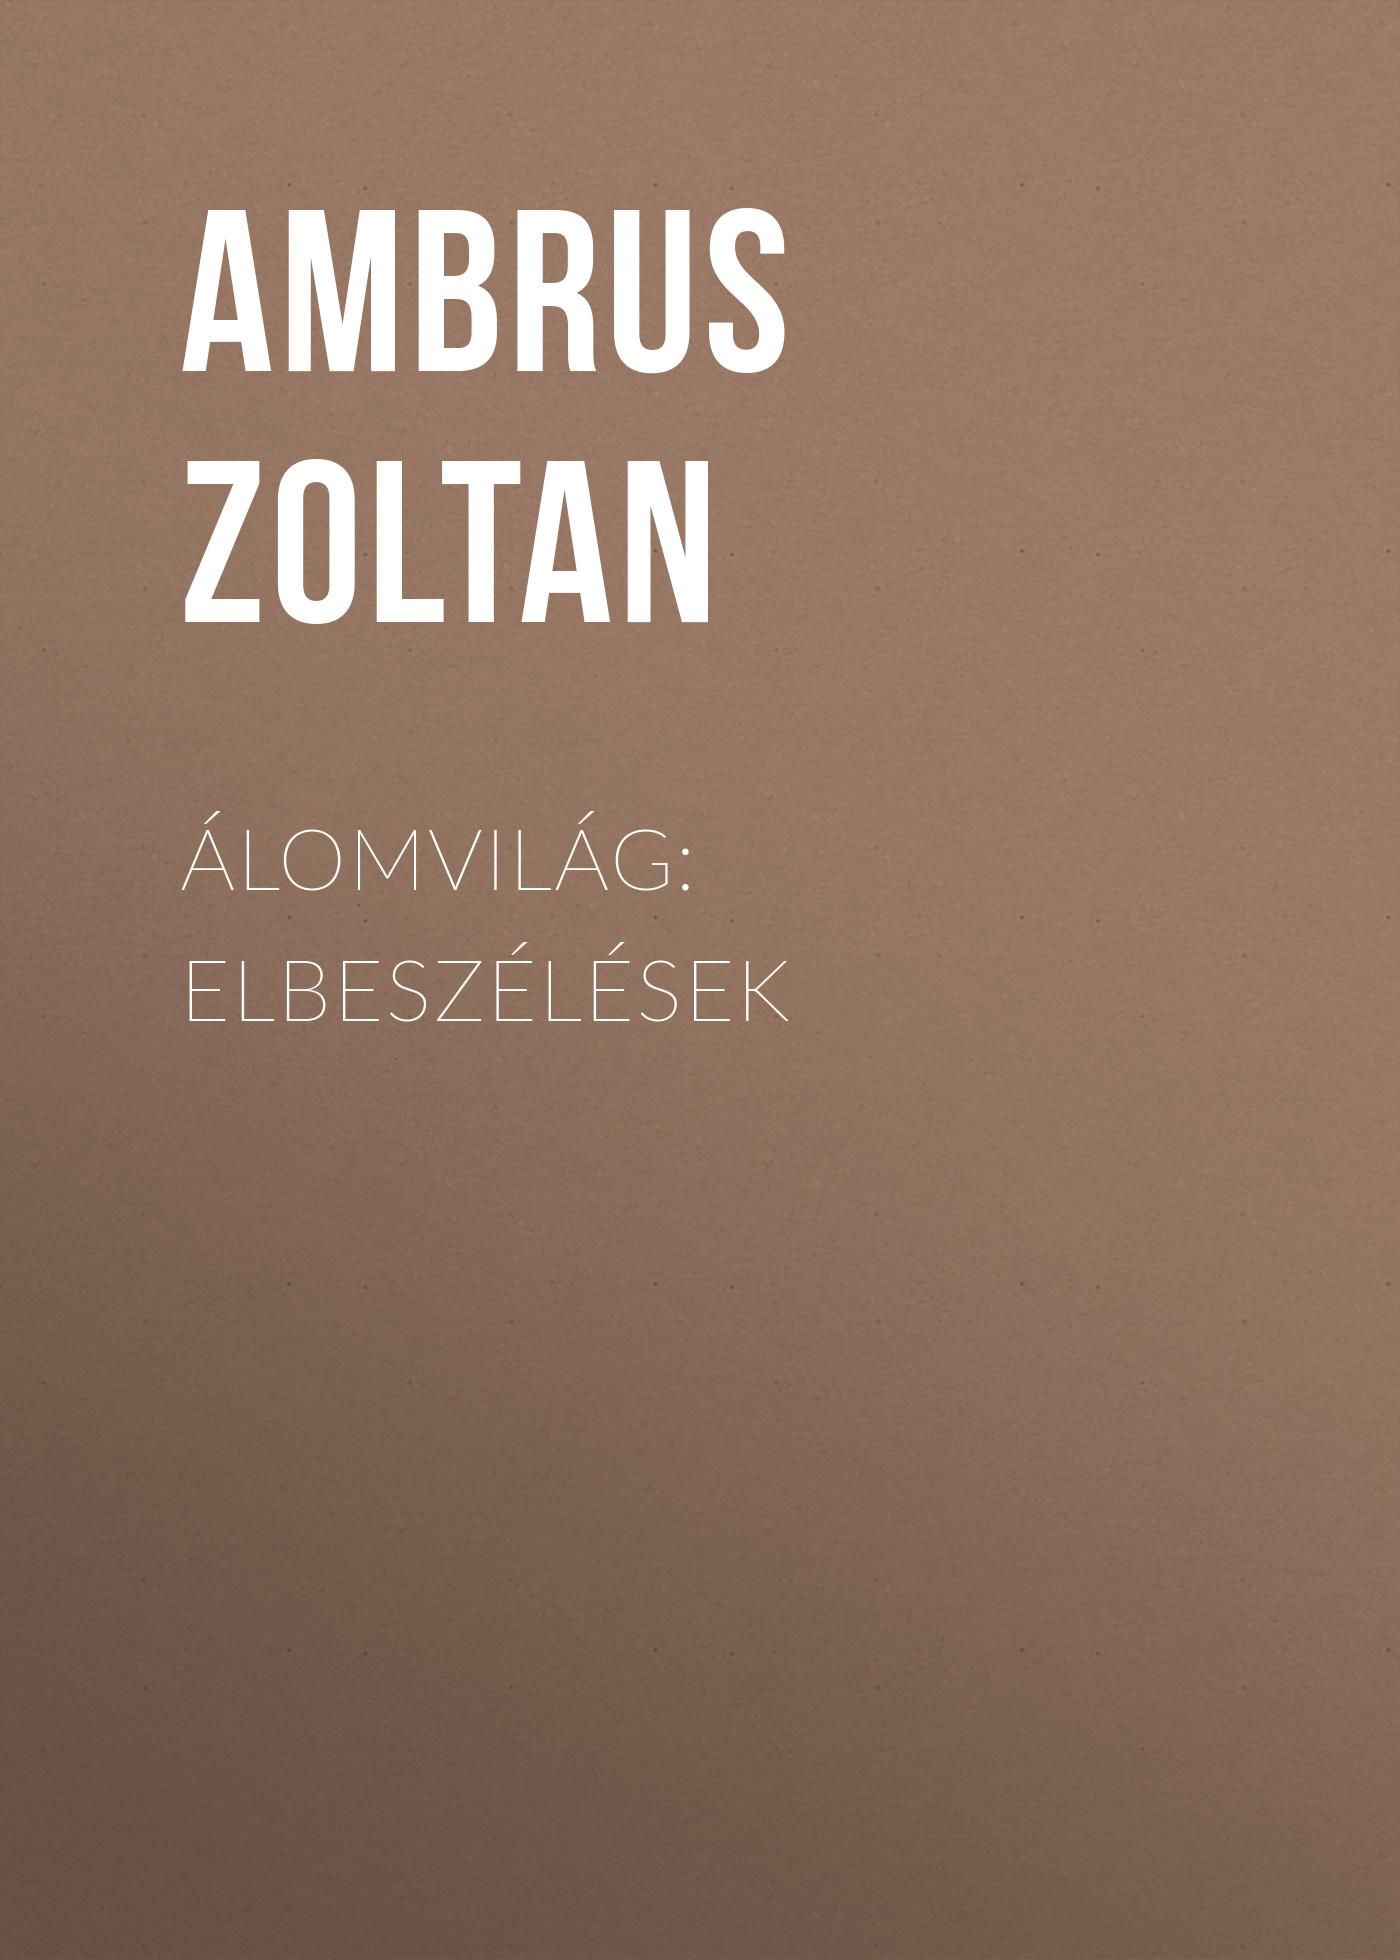 Ambrus Zoltan Álomvilág: Elbeszélések h zoltan magyarorszag